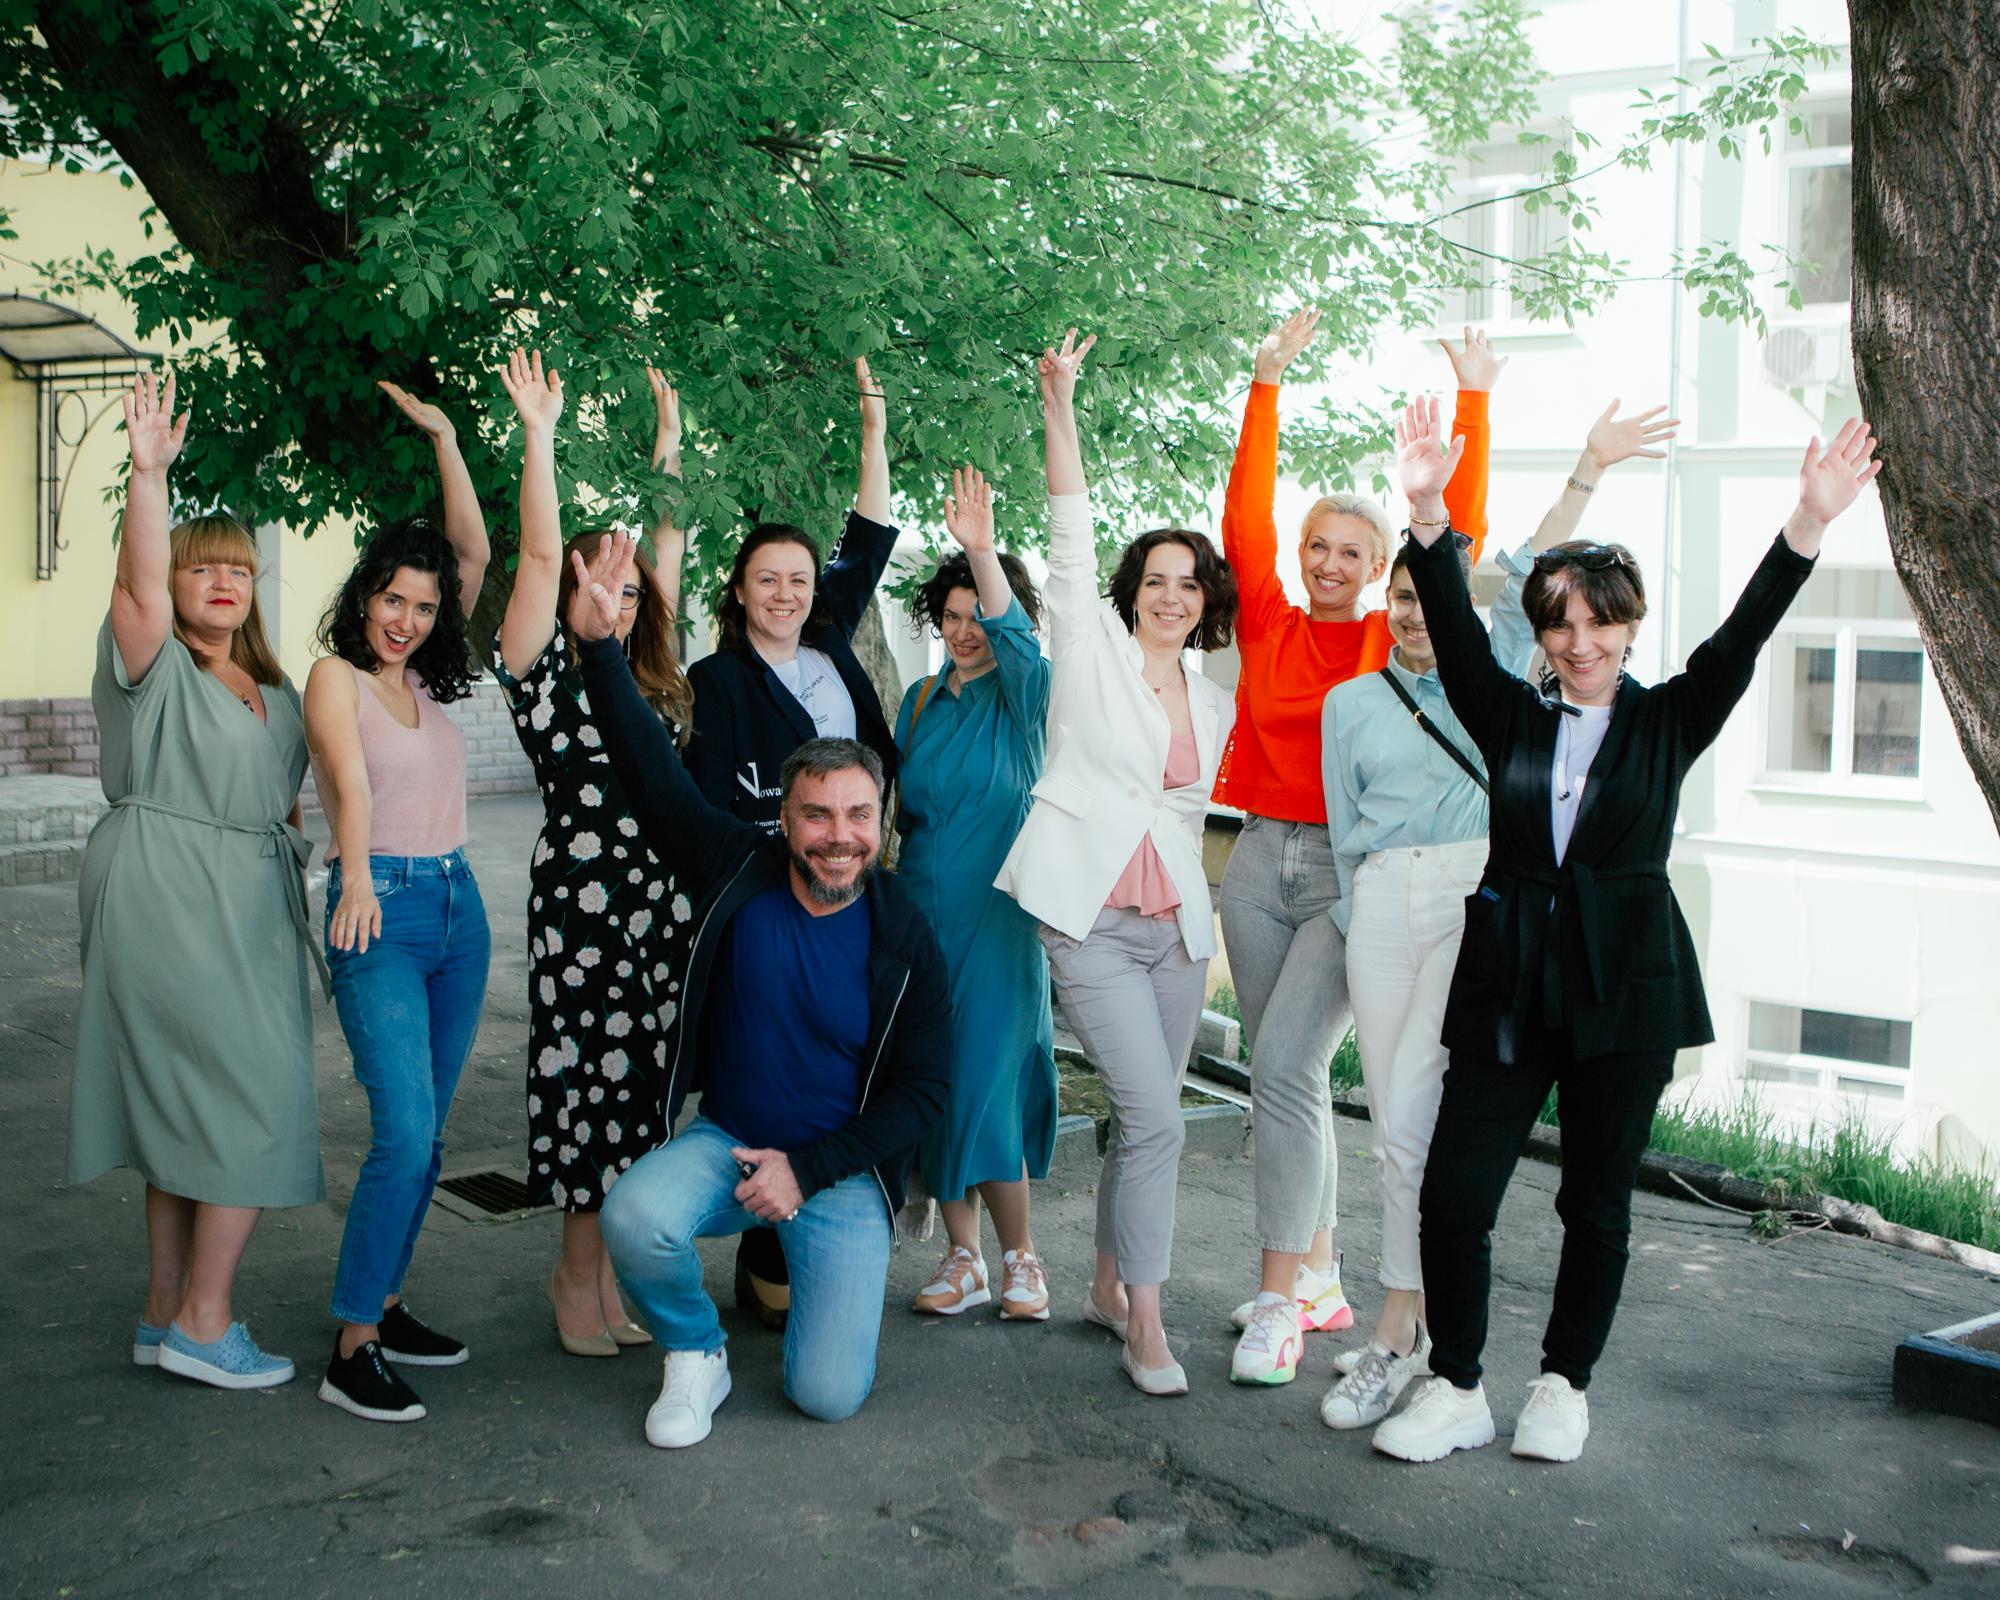 В Учебном центре АРИТ завершился первый день Авторского курса по голосу и речи Марии Кондратович